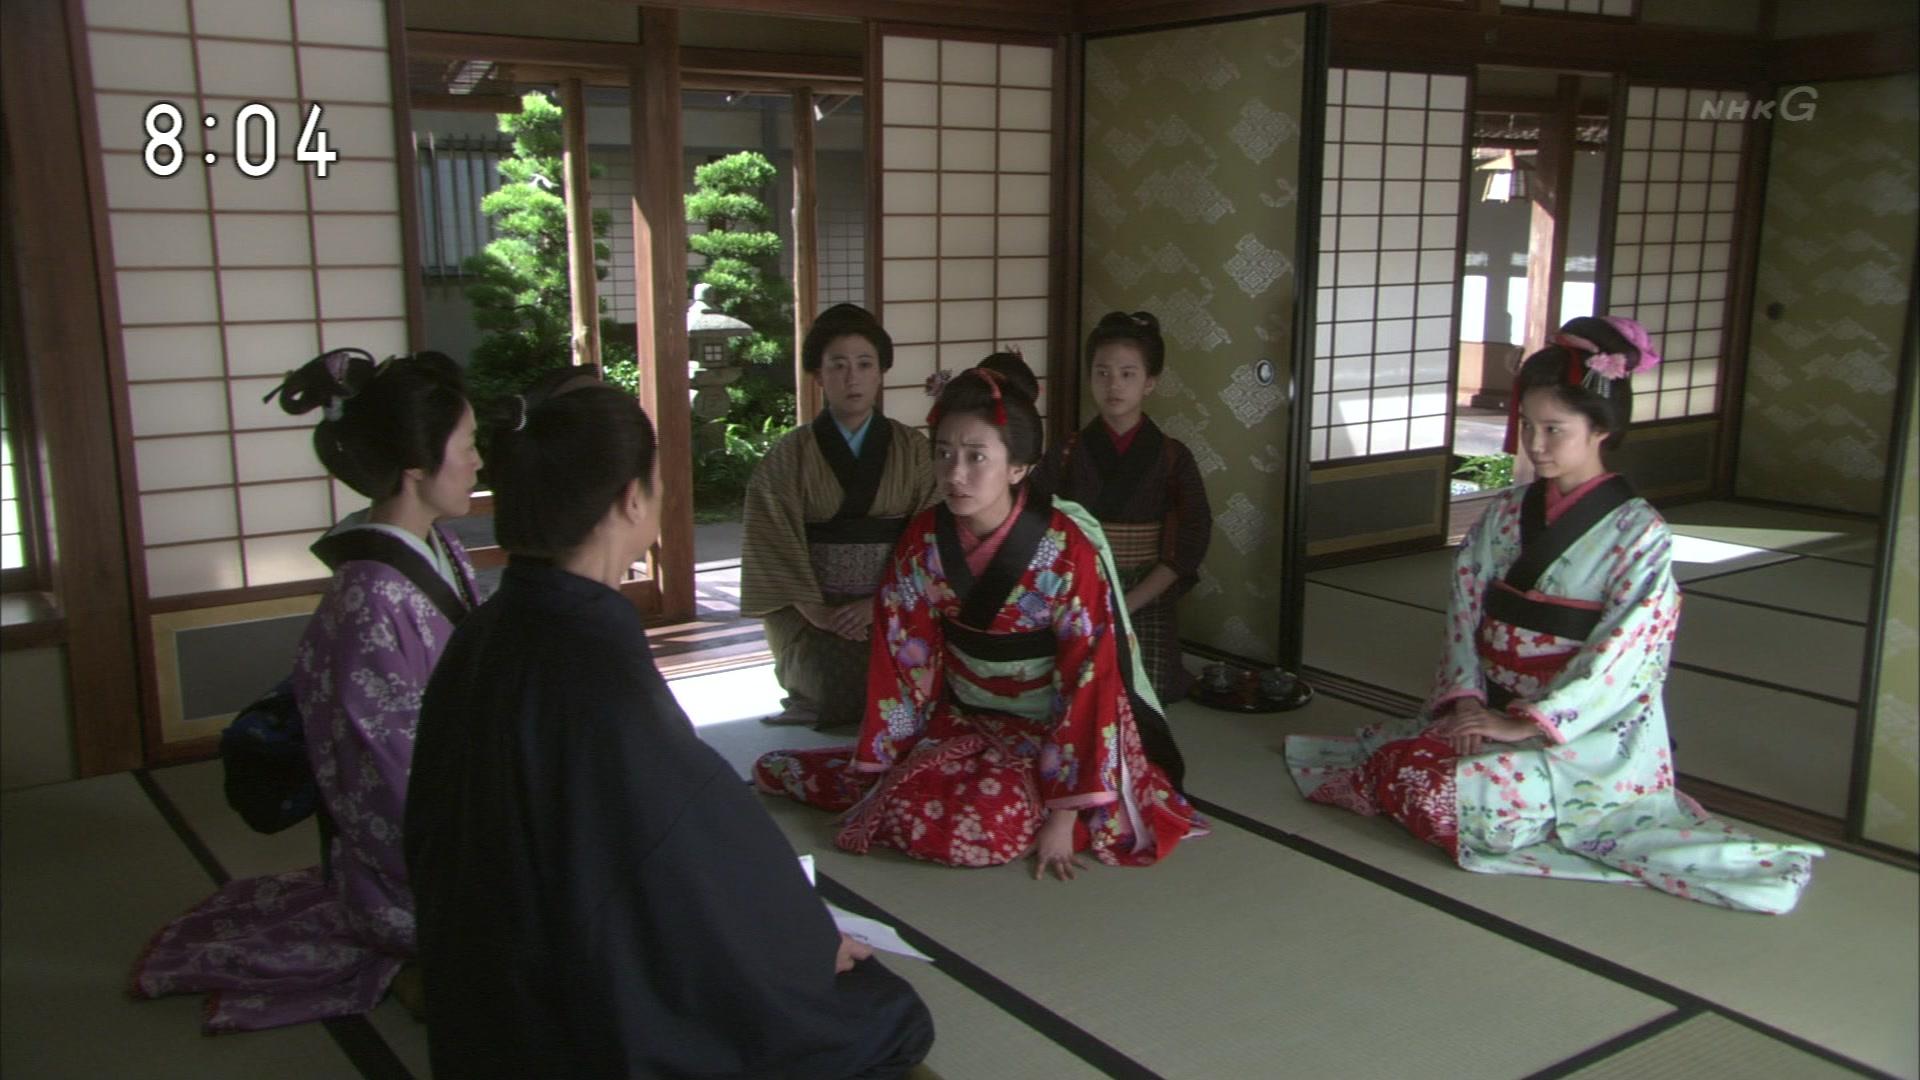 2015-10-06 08:00 連続テレビ小説 あさが来た(8)「ふたつの花びら」 0776